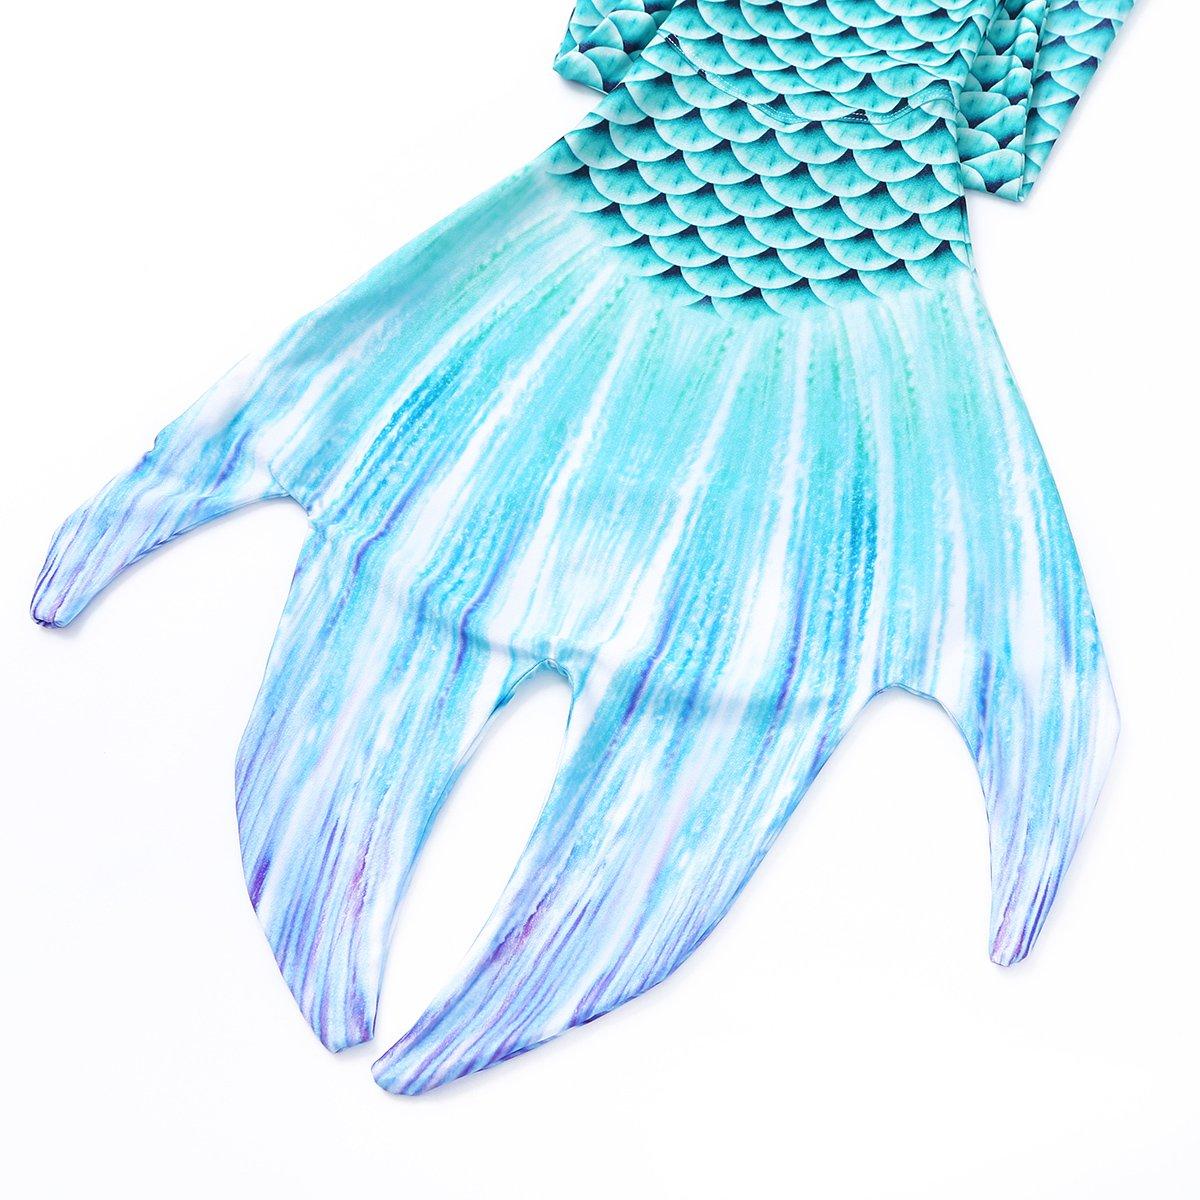 CHICTRY Cola de Sirena Mujer para Nadar Ba/ñador Ropa de Ba/ño Princesa Bikini Crop Top Lentejuelas de Ba/ño Mermaid Tail Disfraz de Sirena Cosplay Swimwear